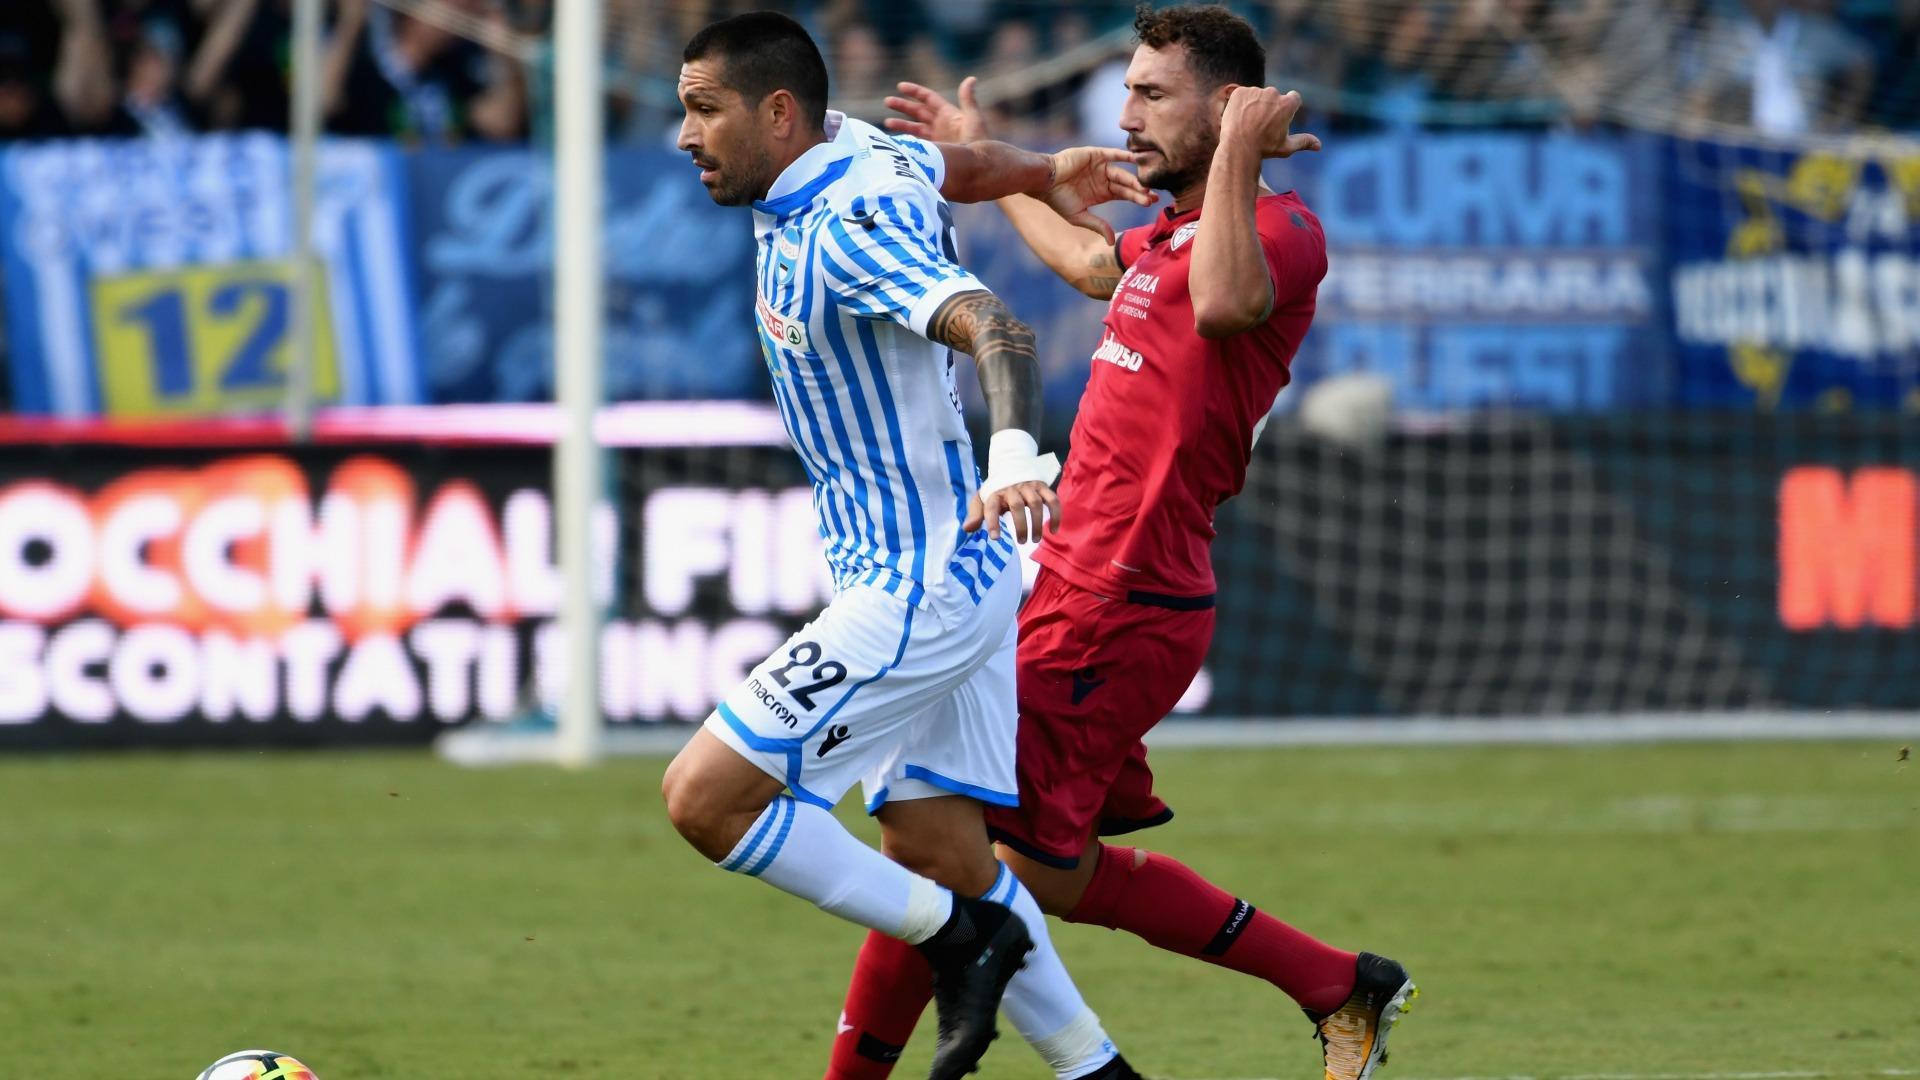 Marco Borriello SPAL Cagliari Serie A